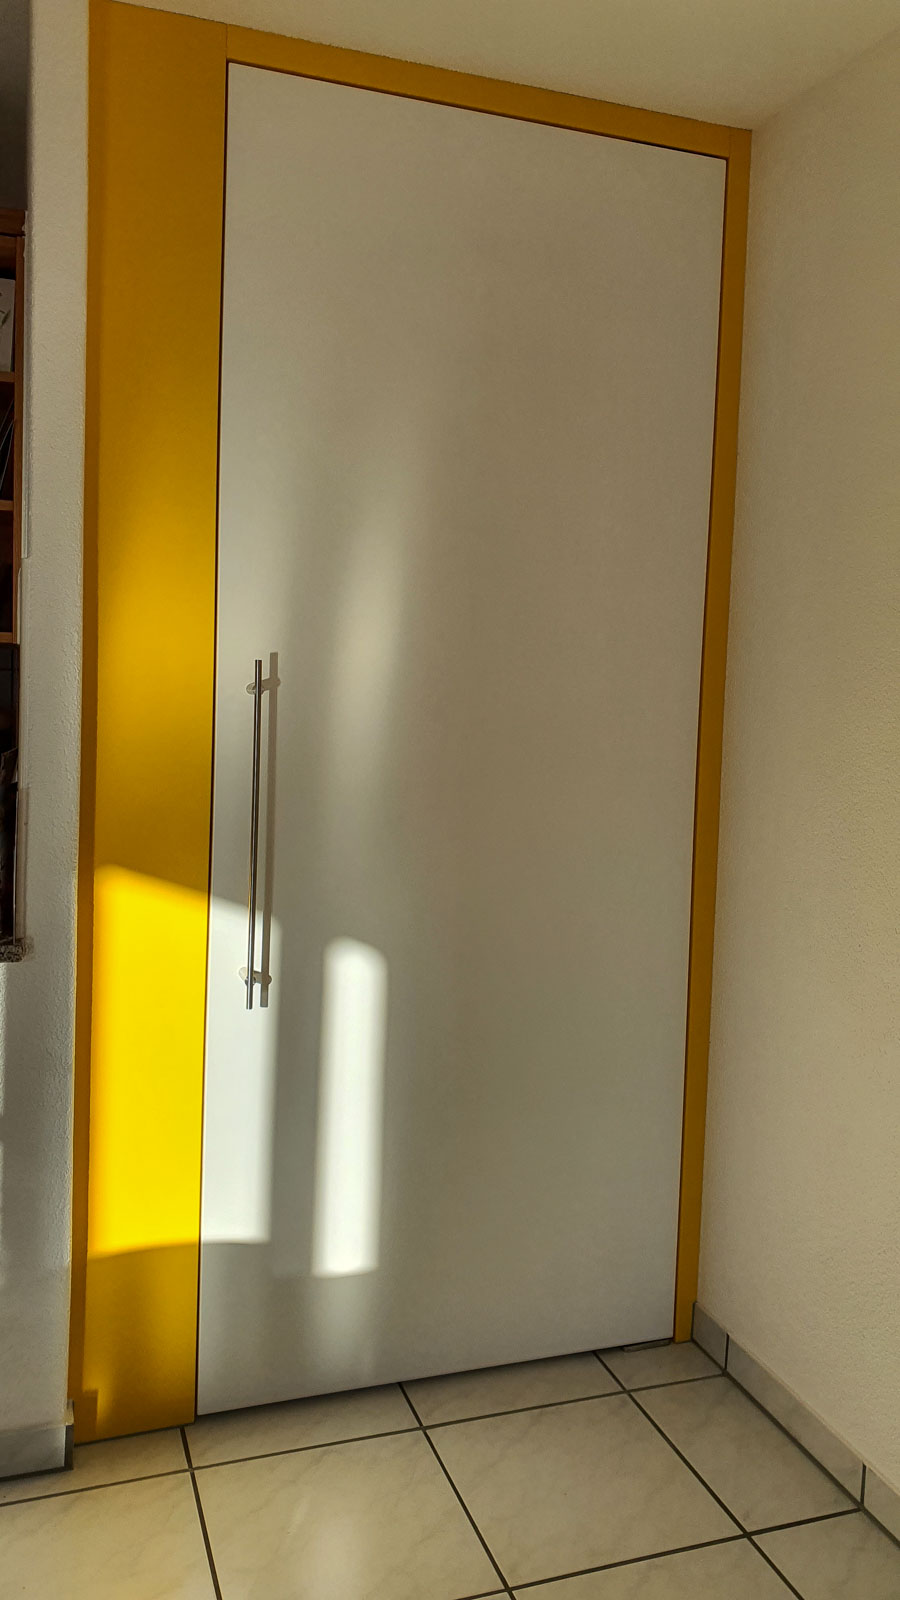 Wooddesign_Raumtrenner_Türen_Schiebetüren_Akustikverkleidungen (59)